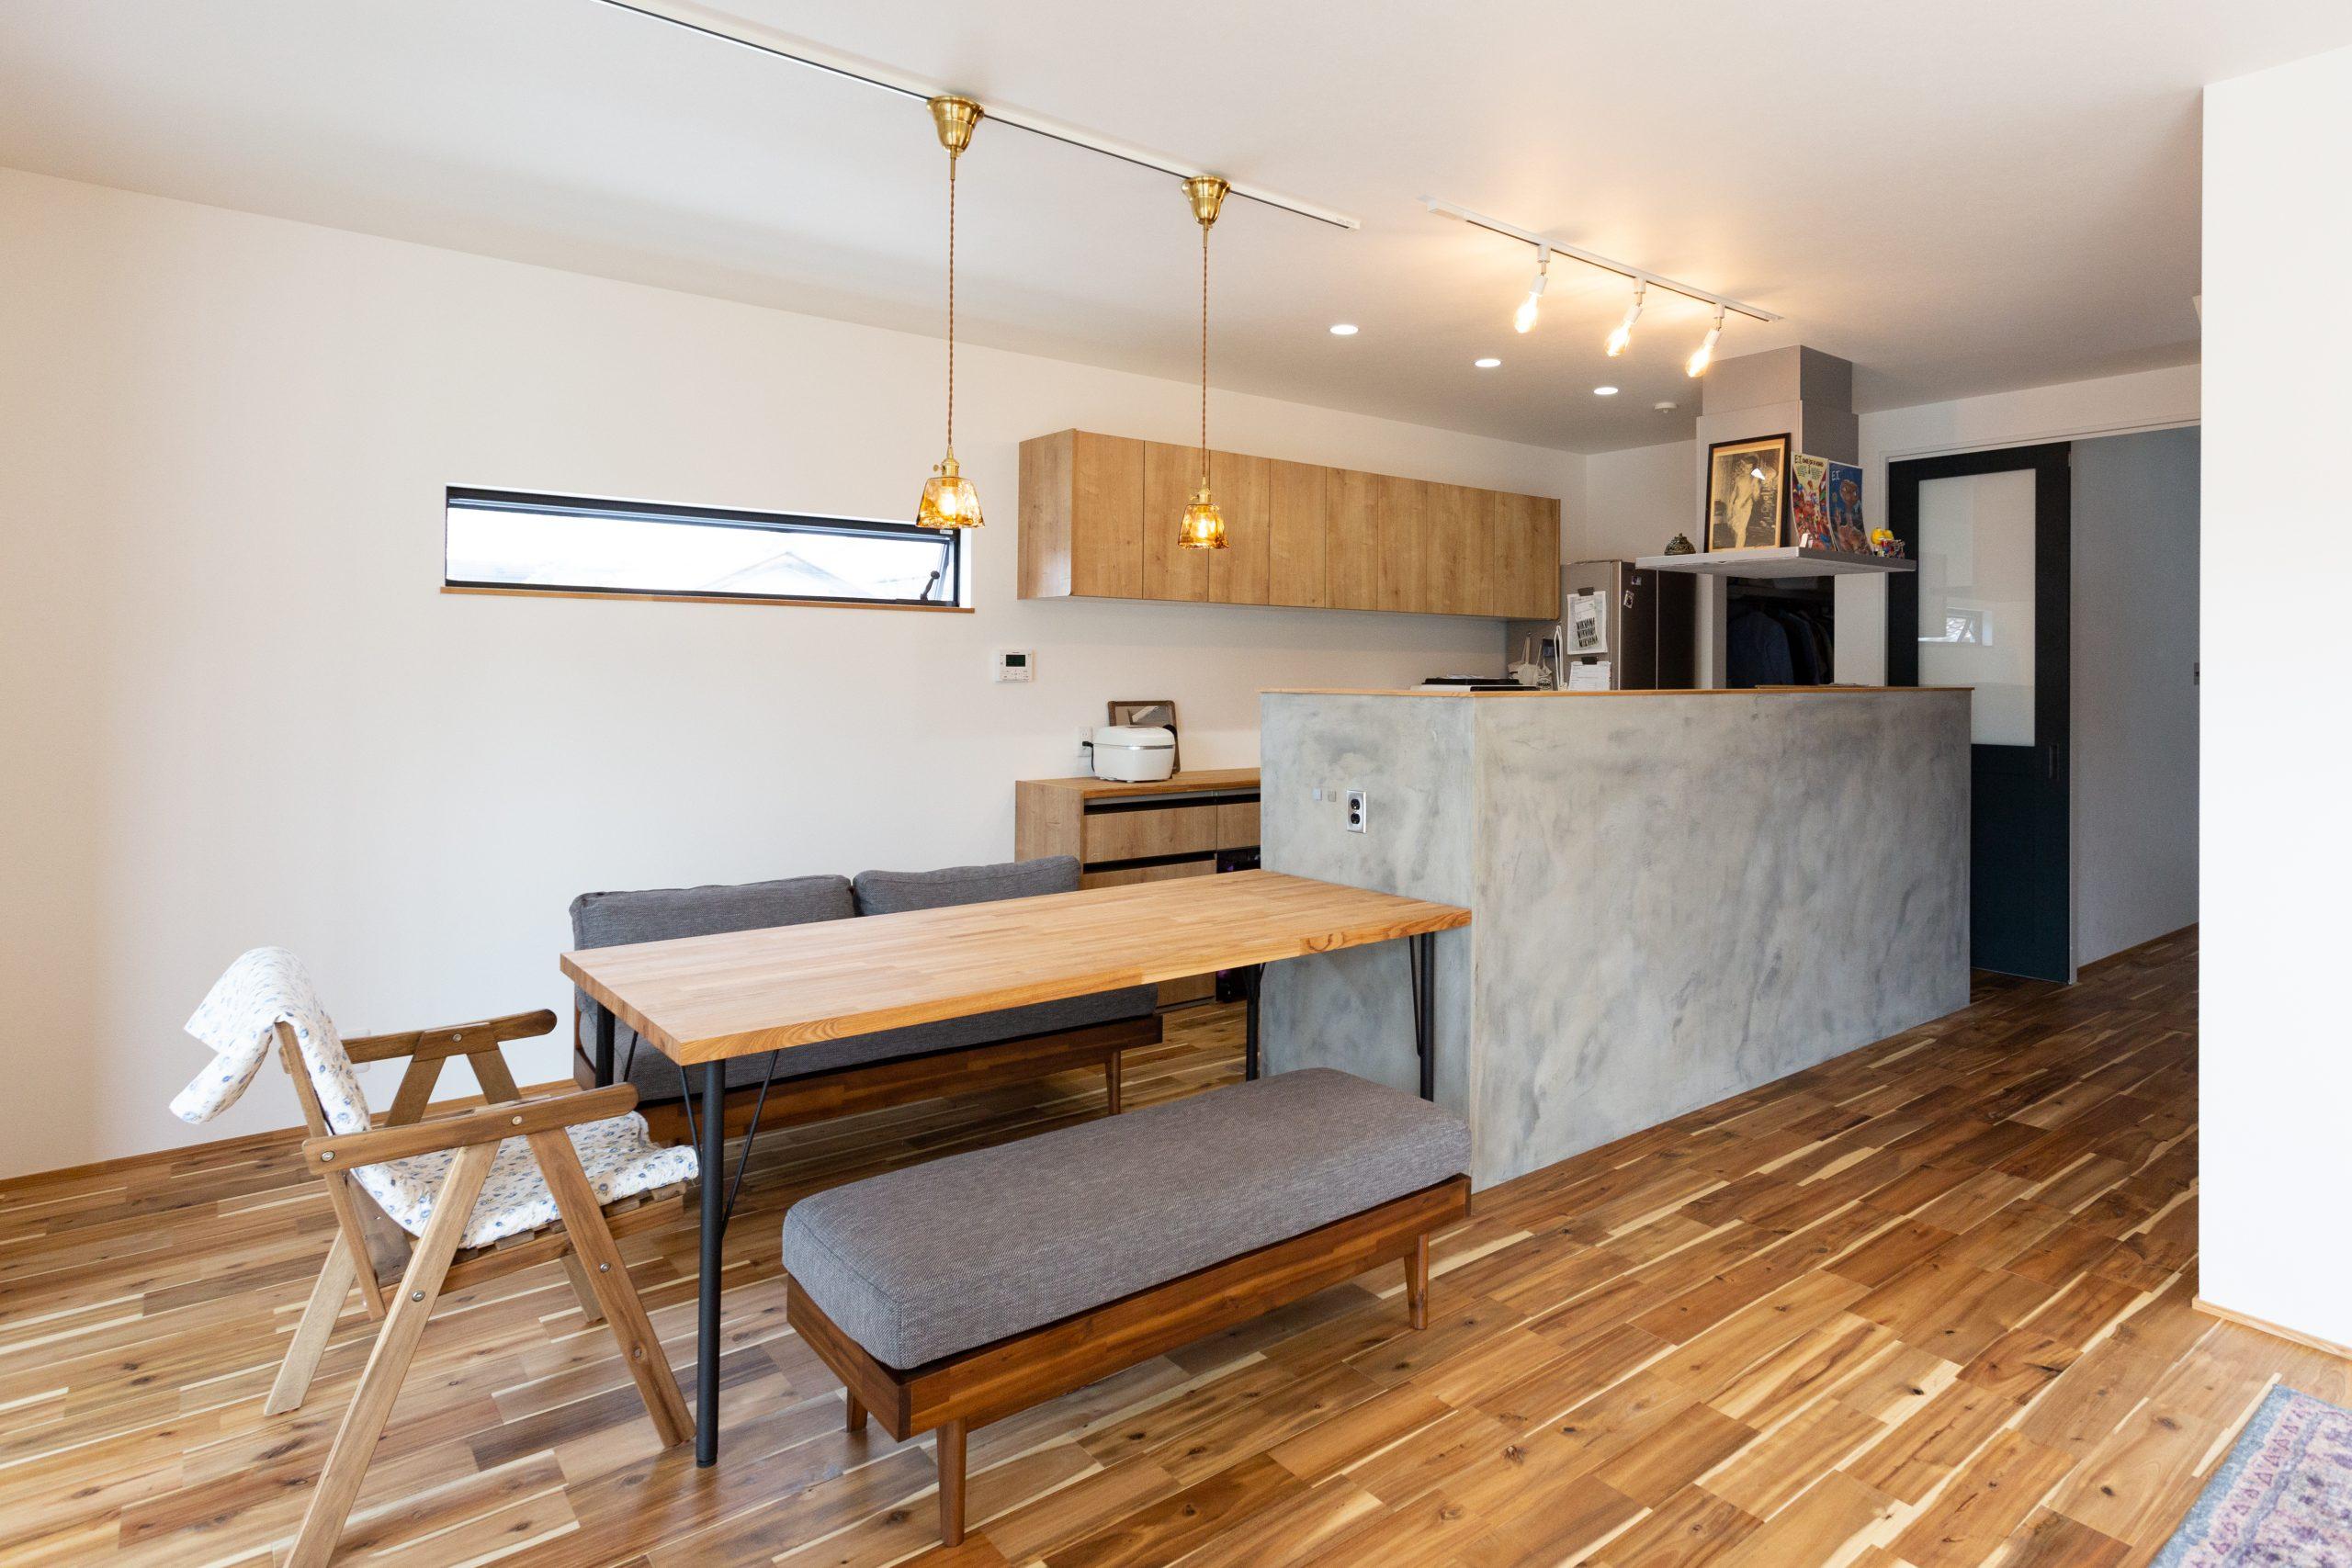 <p>キッチンの腰壁は、ムラのある質感のモルタル仕上げがおしゃれなダイニングキッチンになりました。</p>